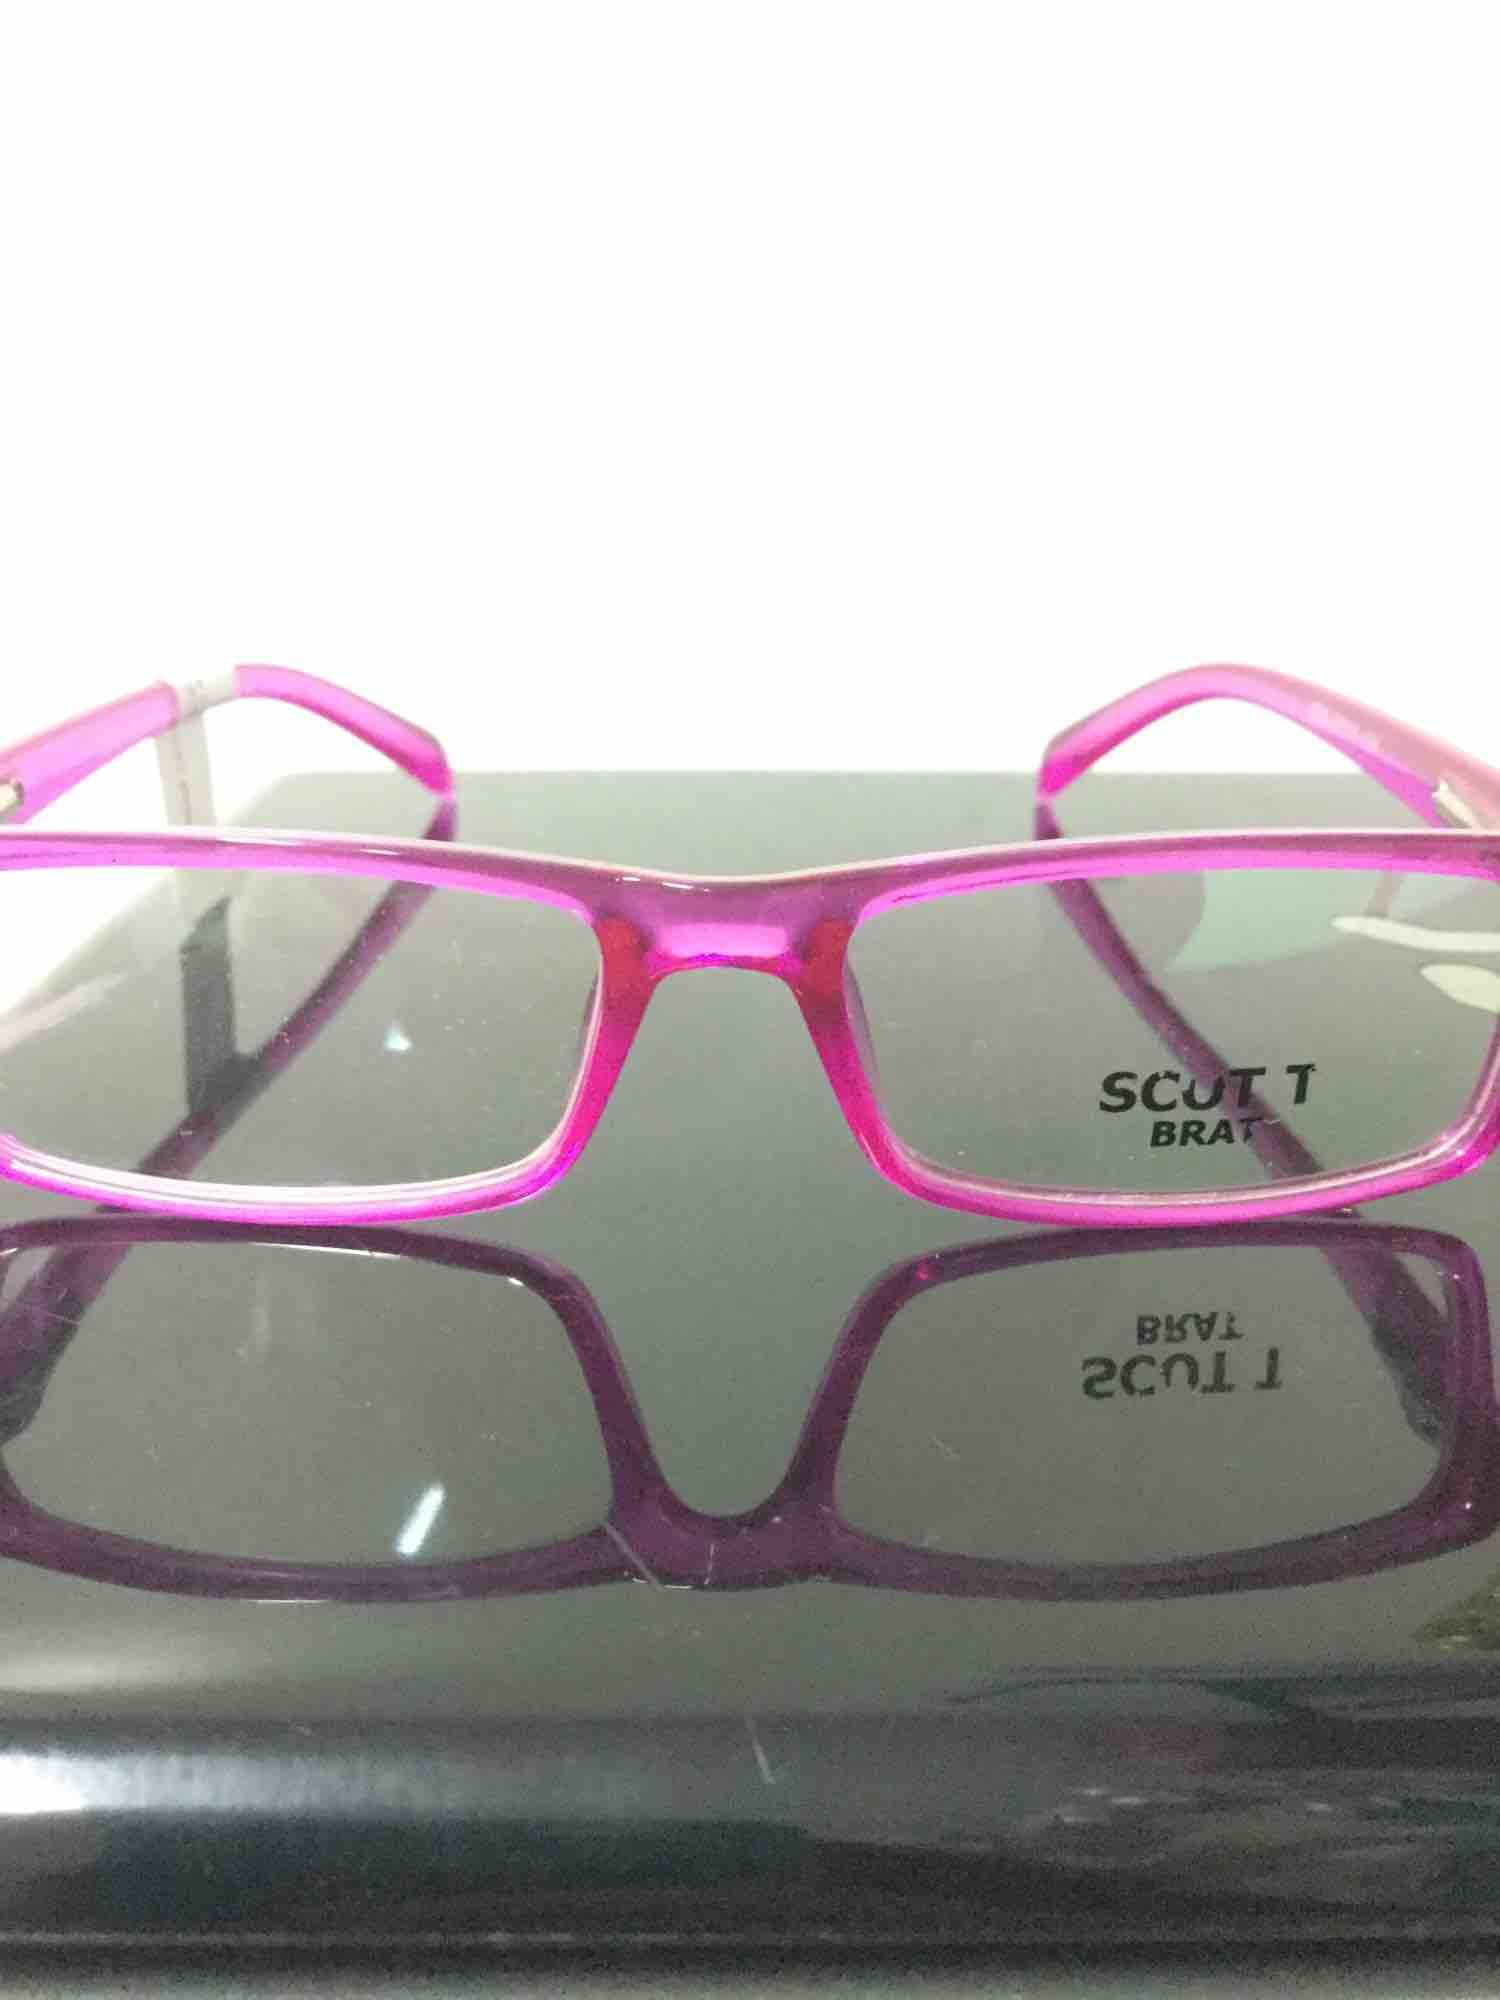 Scott Brat Fuschia Pink Eyeglass Frame For Kids By Mearsbeauty.